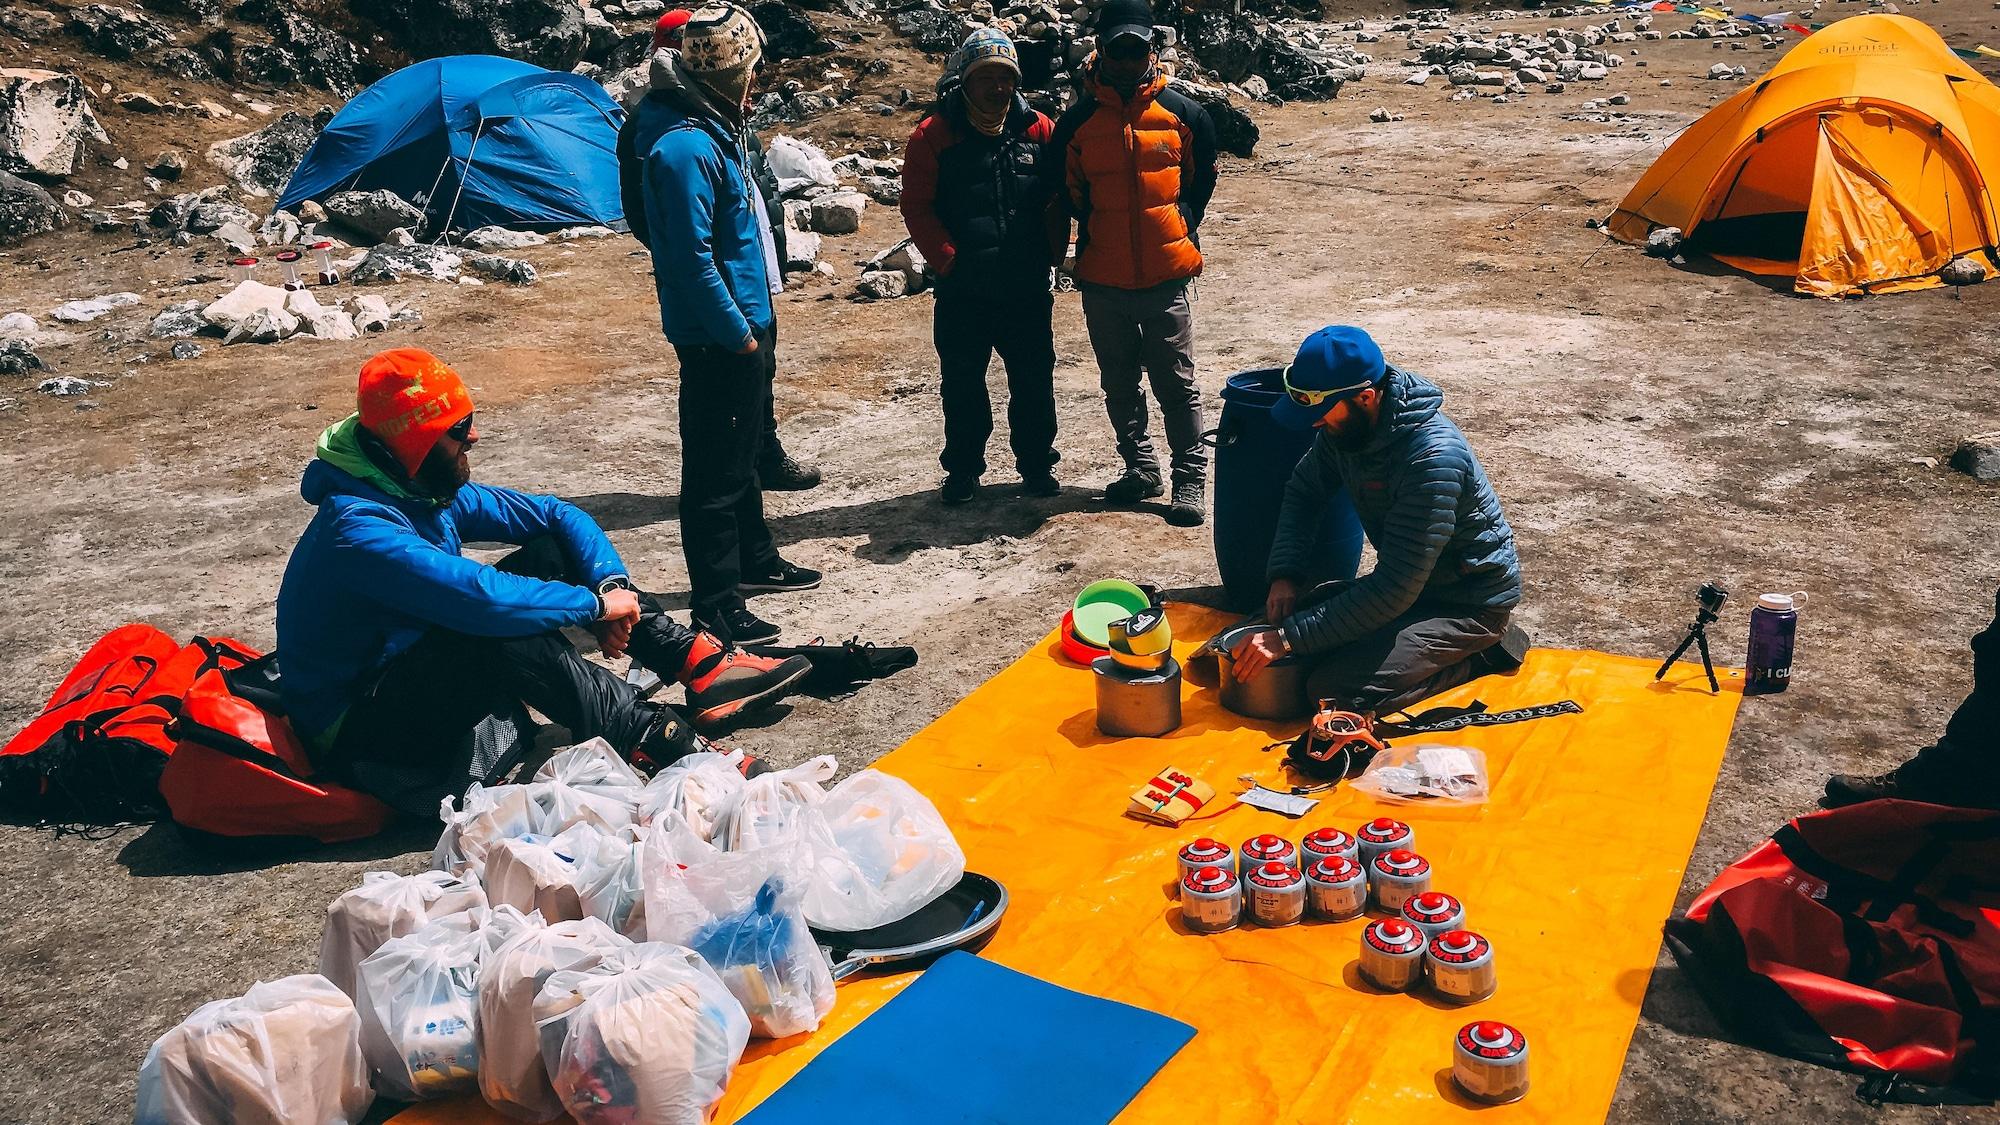 Dominic Asselin, ses collègues grimpeurs et leur récolte de déchets sur l'Ama Dablam en 2018